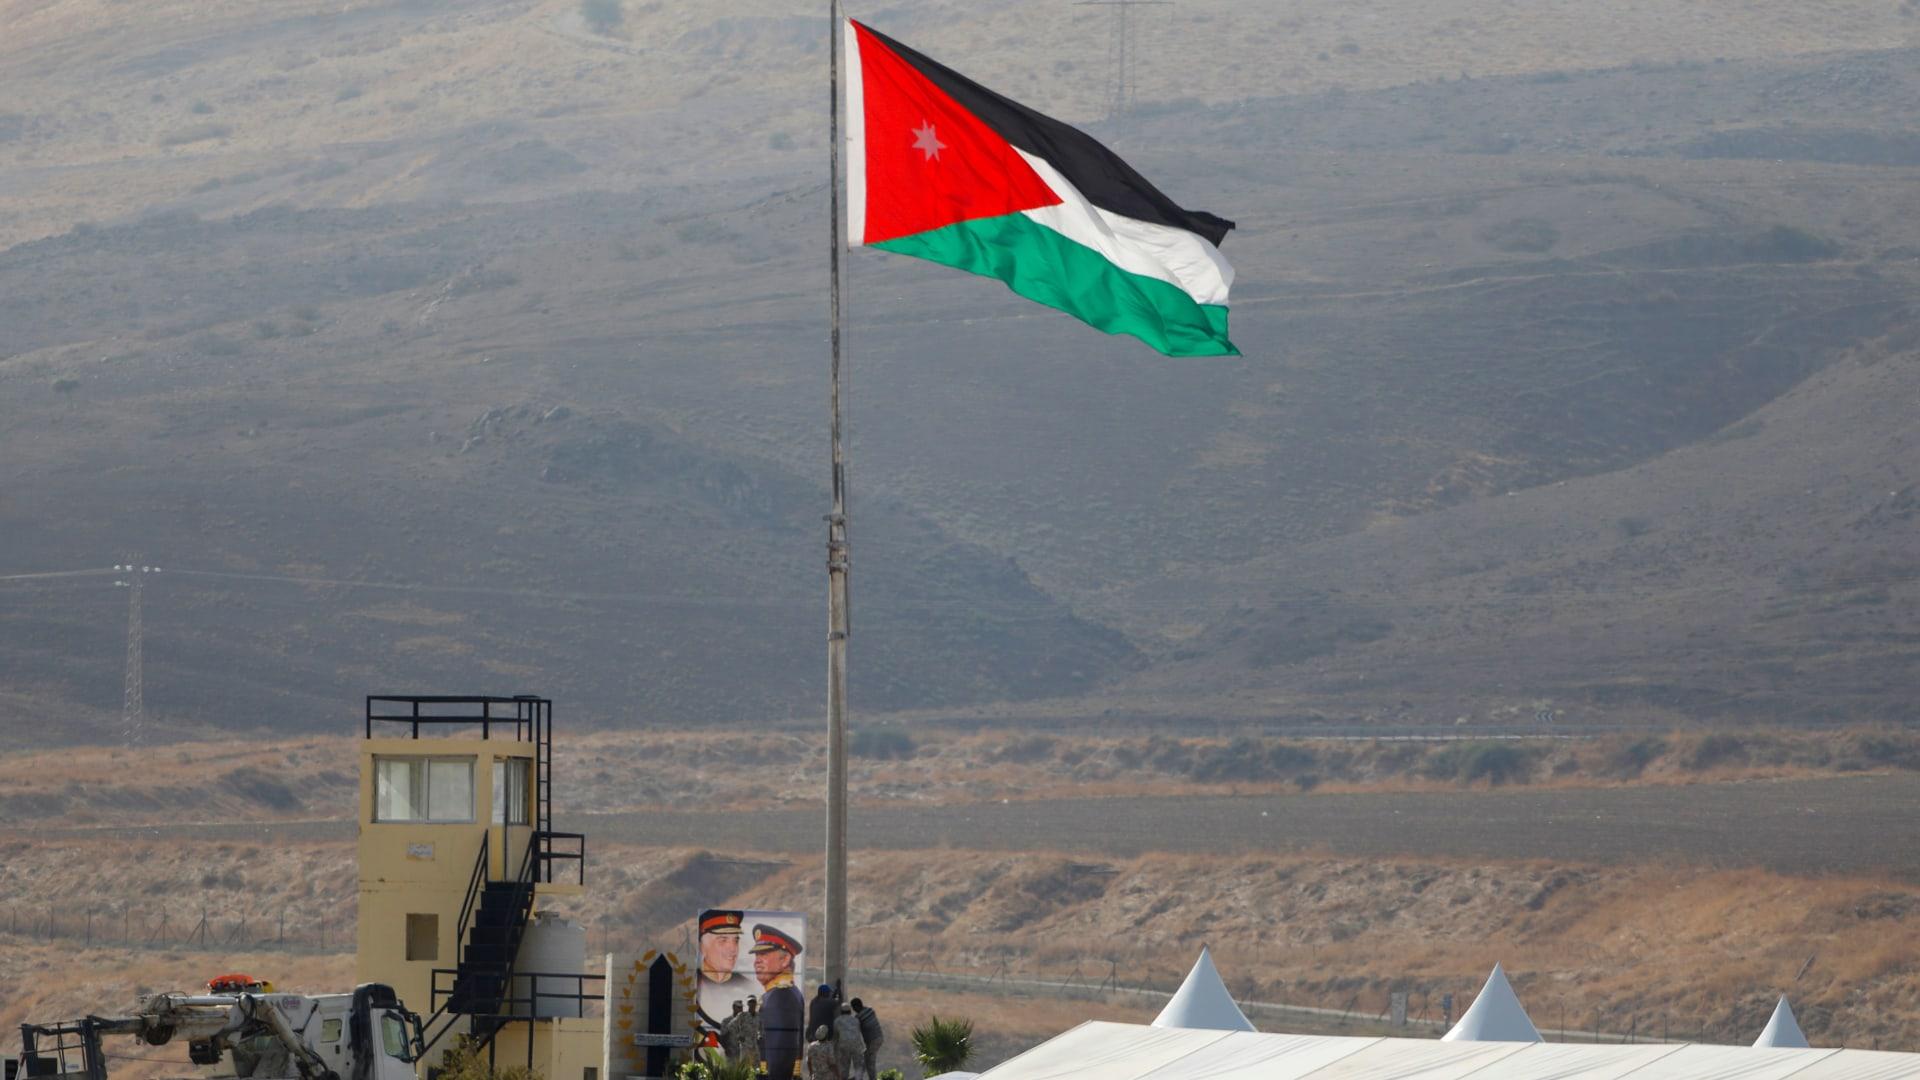 الأردن يزود الفلسطينيين بوثائق تدعم ملكية أهالي الشيخ جراح لمنازلهم